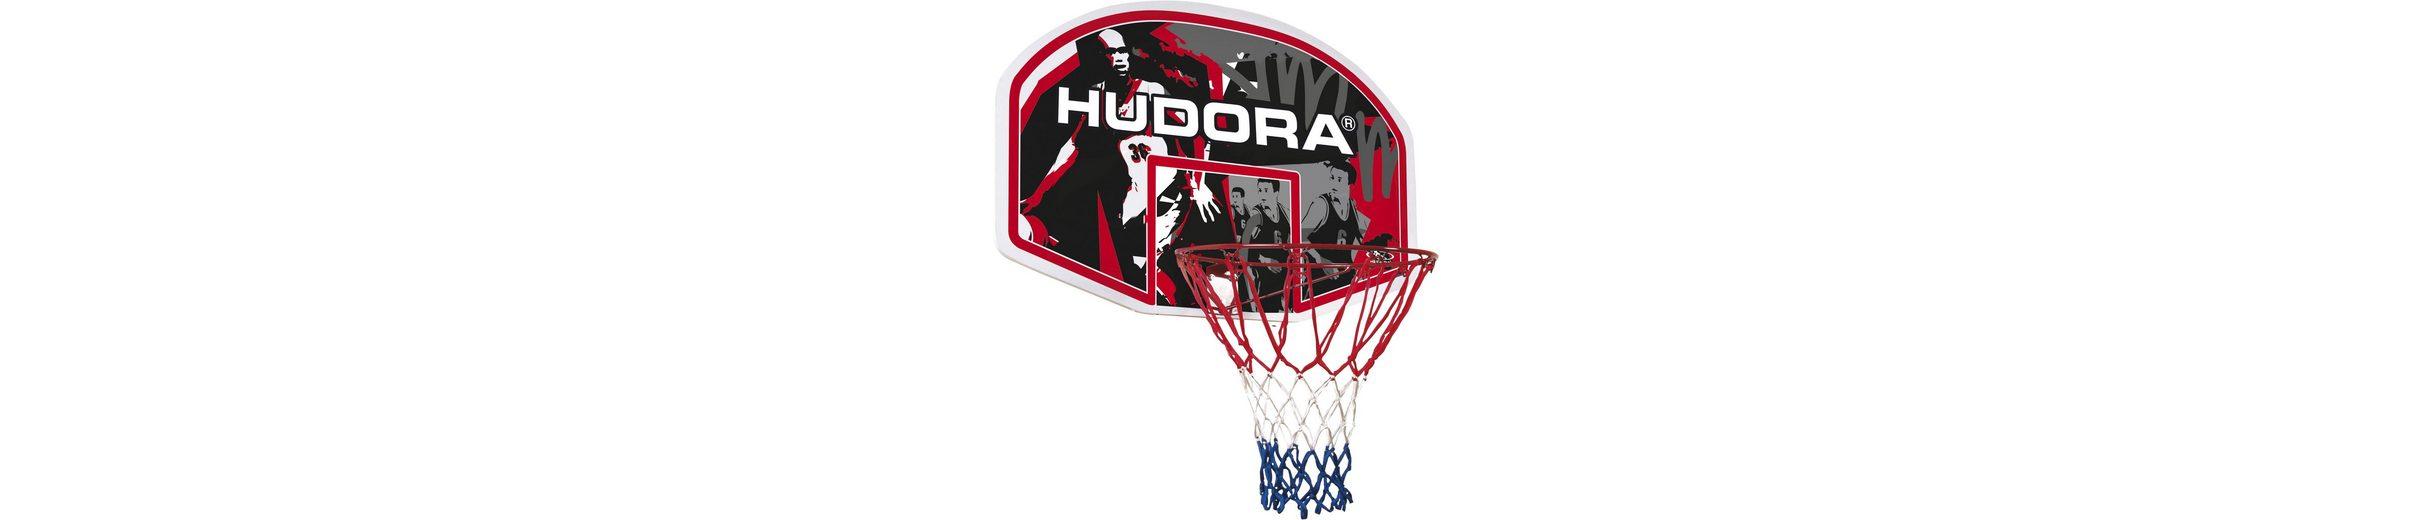 Hudora Basketballkorbset, In-/Outdoor